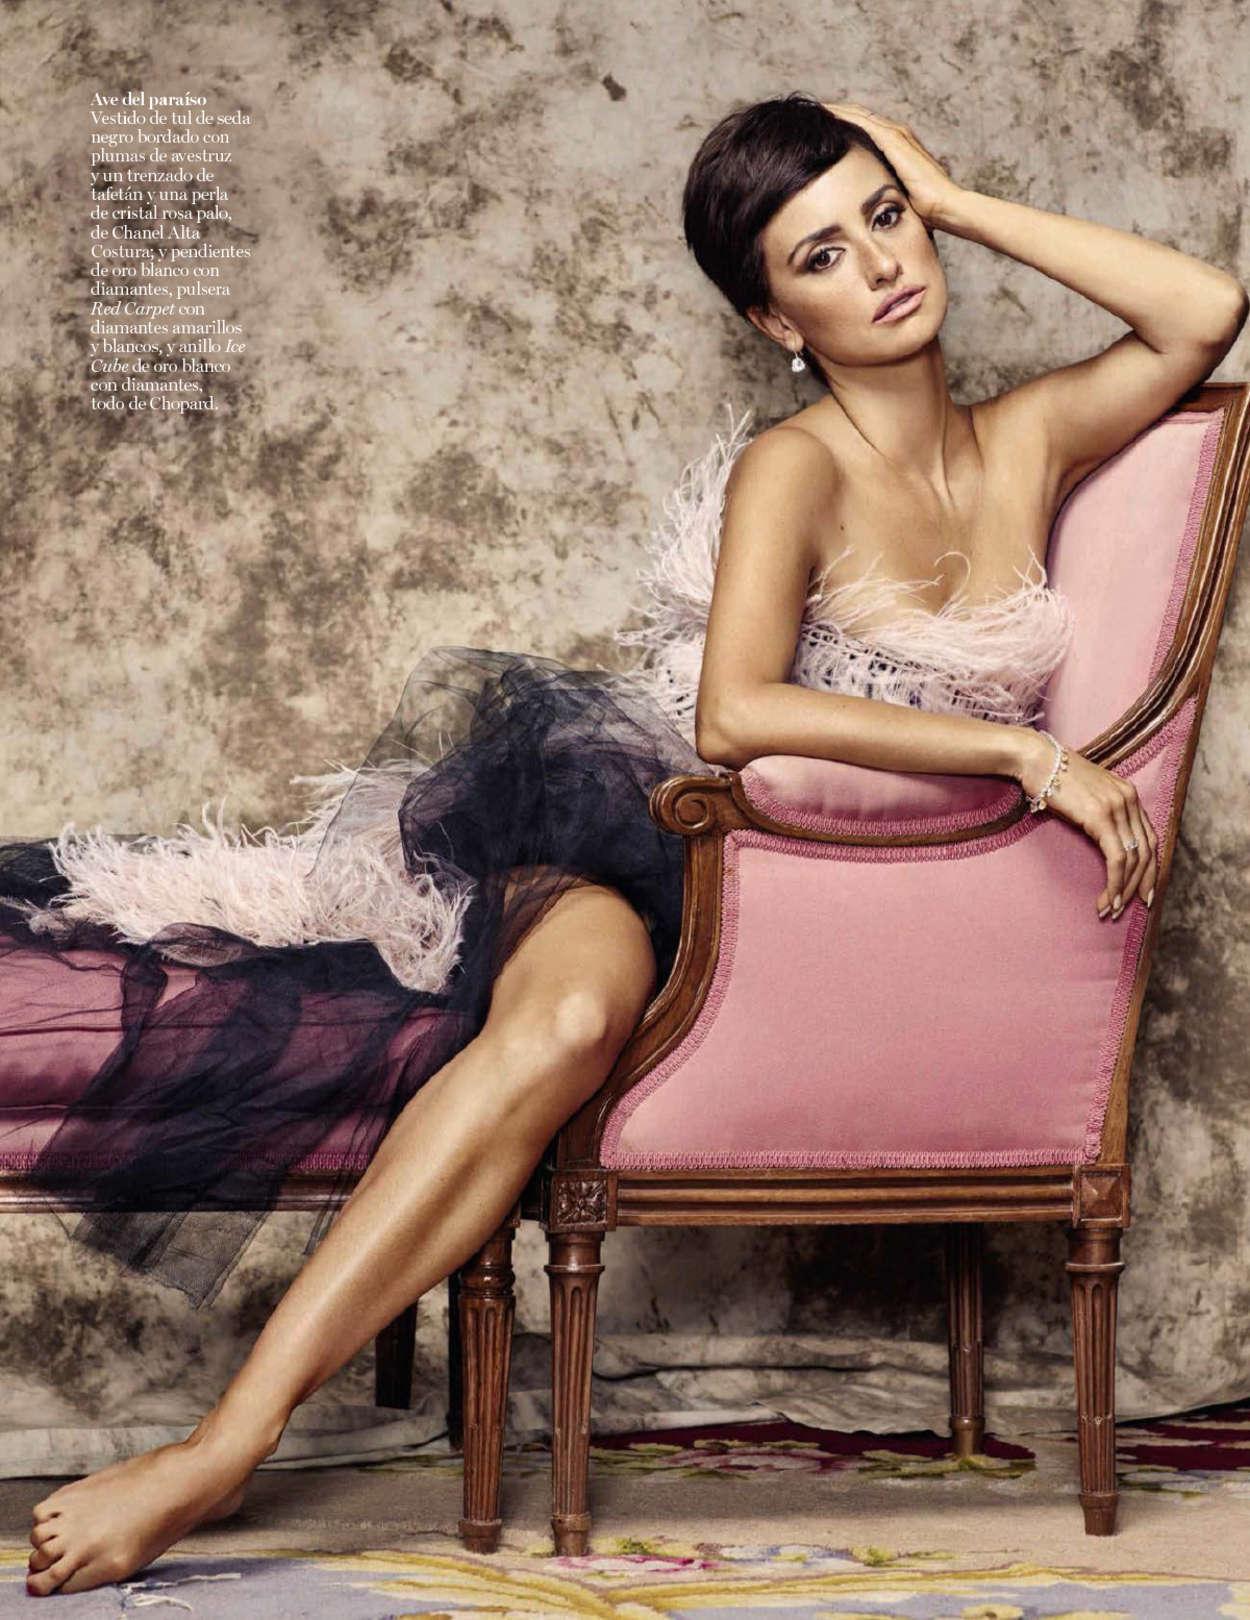 Penelope Cruz: Vogue Spain 2015 -08 - GotCeleb Penelope Cruz